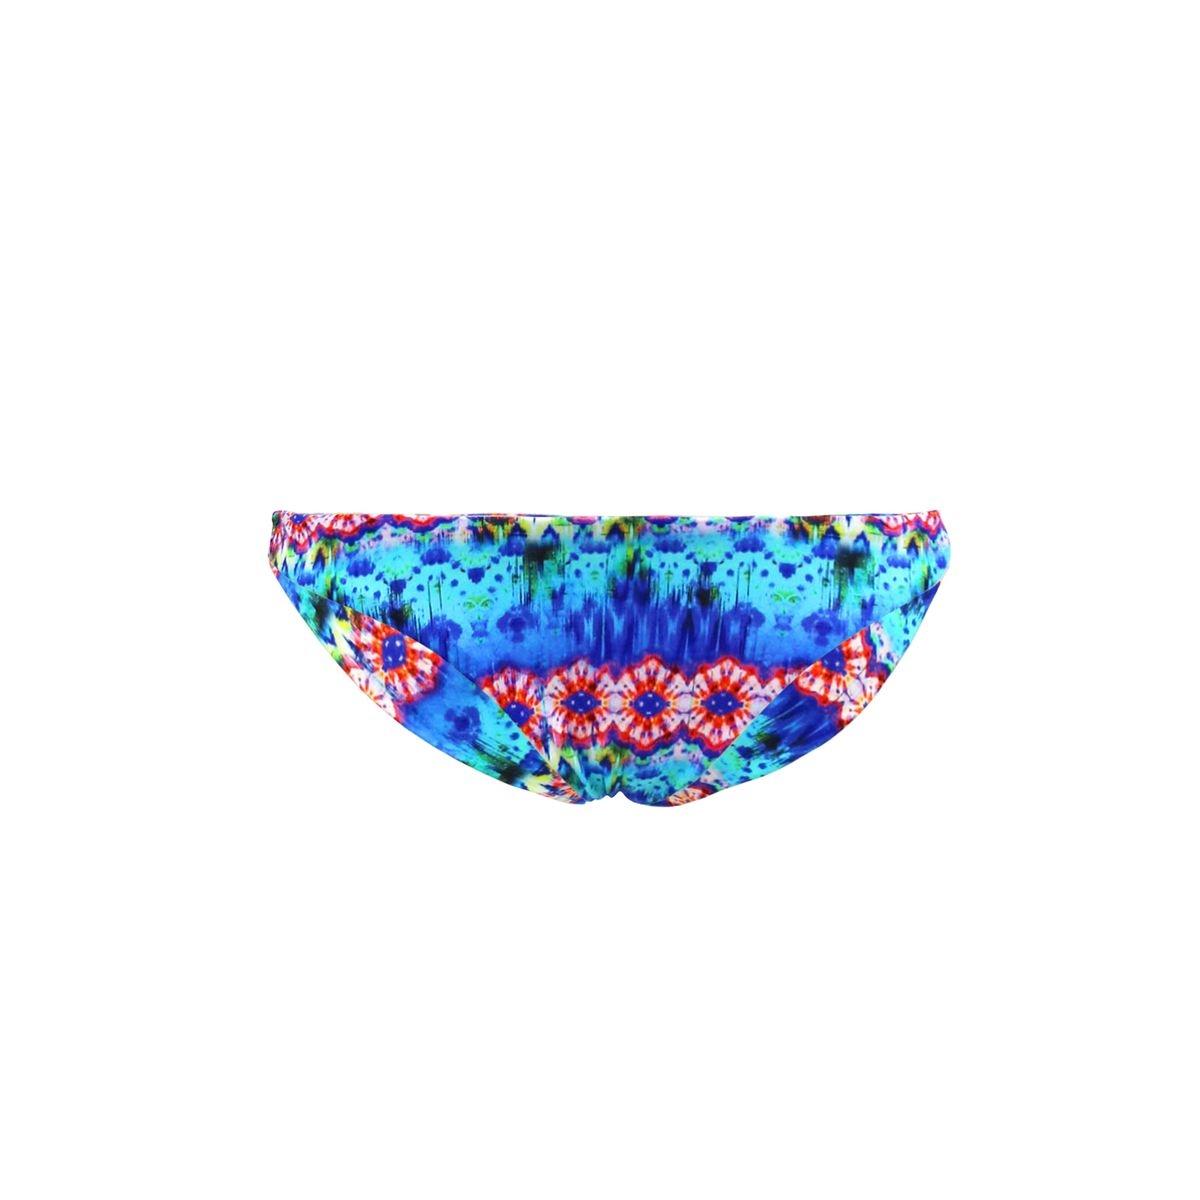 Maillot de bain Culotte Brésilienne Praia Pampam Blu (bas)